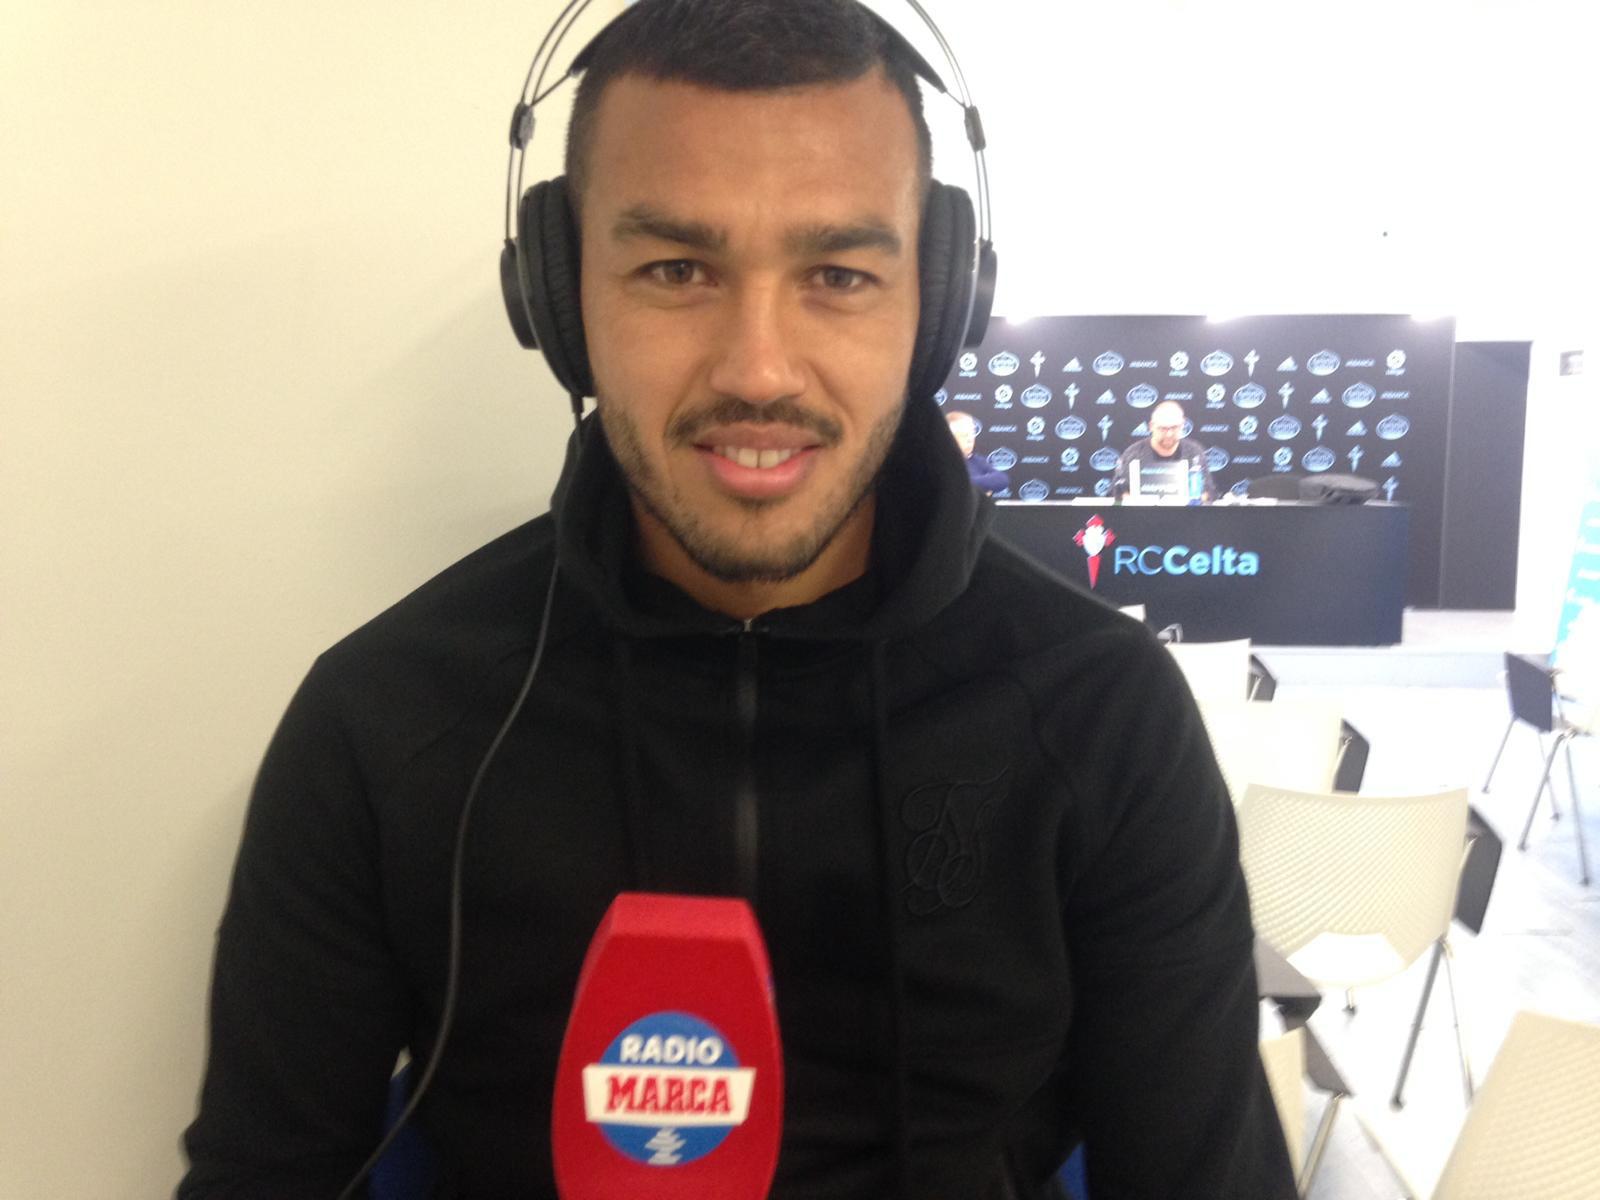 Cabral sostiene el micrófono de Radio MARCA